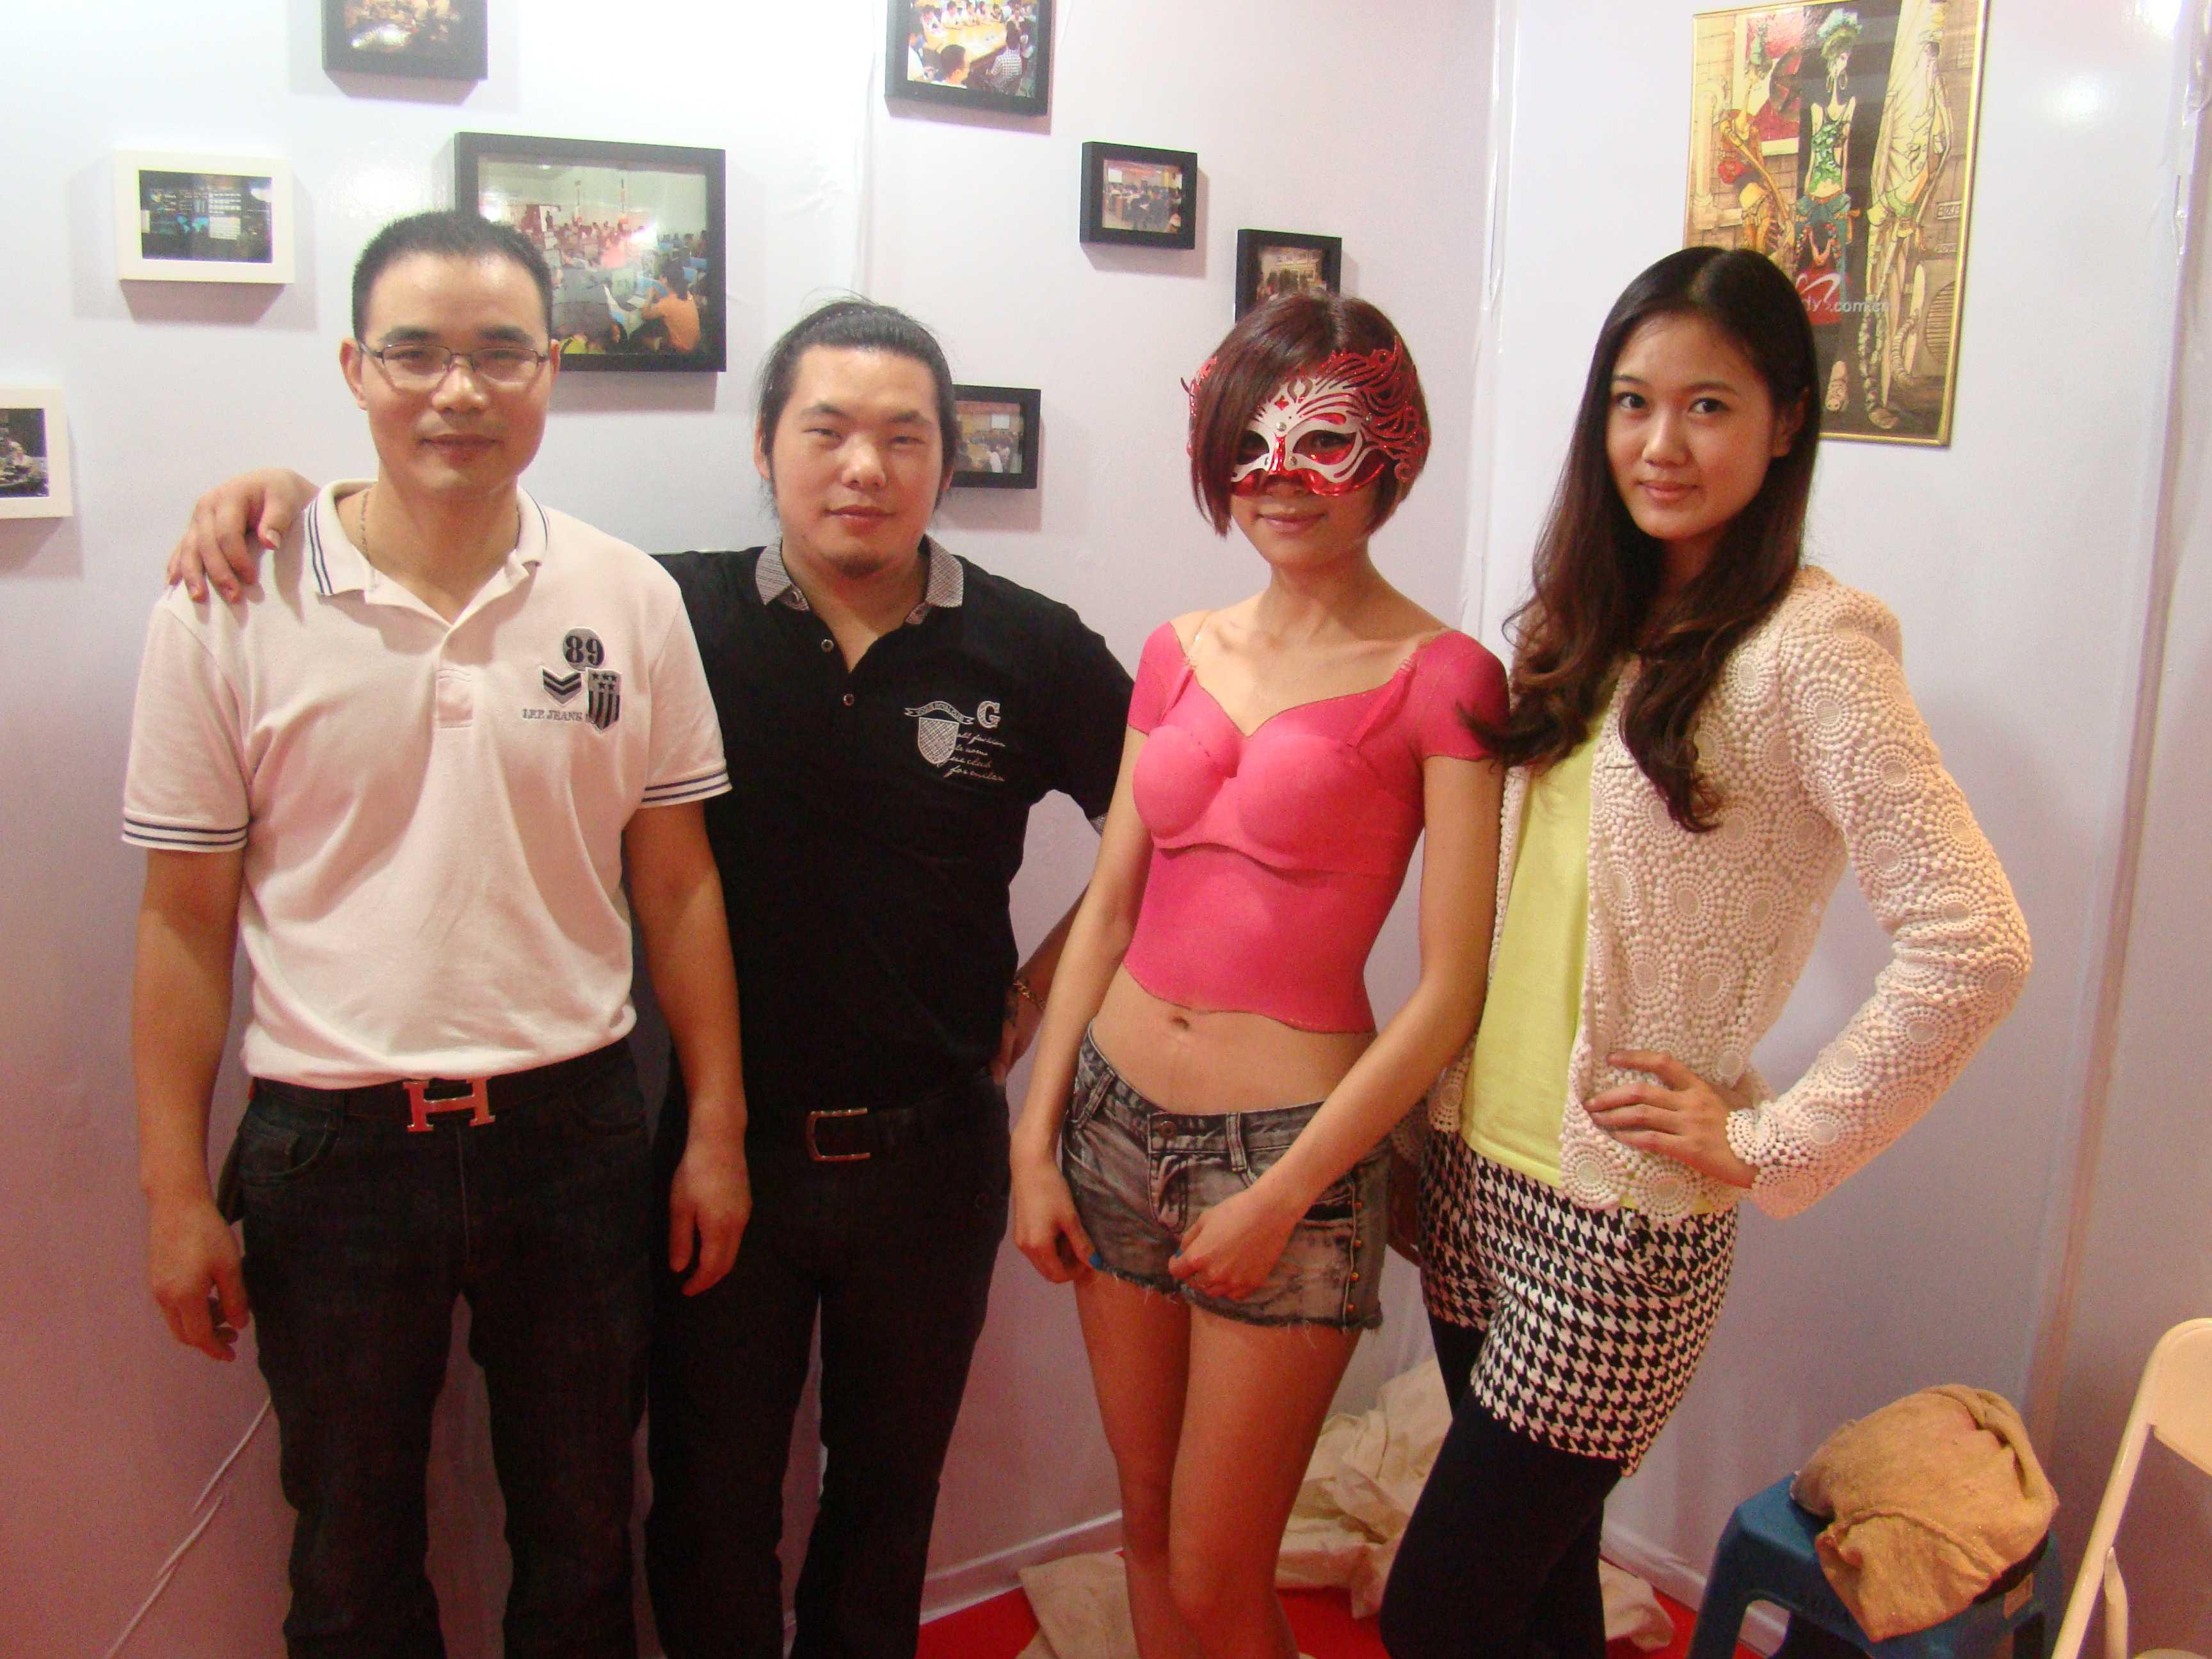 石狮服装打版培训,最好的服装打版培训学校,香港时装设计学院创办于1969年,由香港政府立案注册,成为香港第一所时装,设计专科学院,被新闻界誉为香港时装精英的发展地也是东南亚最早成立的时,装设计学院。推行国际先进的教学方法,理论实践相结合,将长期的学习过程浓缩,为高效率,专业化强化训练,打破了传统的教学方式产生深远的影响,开创服装界,之先河。培育人才着重实用,毕业生能学以致用成为行业专才。教育方式一直倍受,服装界专业人士及学生推崇,国内许多知名设计师、企业家都出自香港设计学院为,学院增光!,香港时装设计学